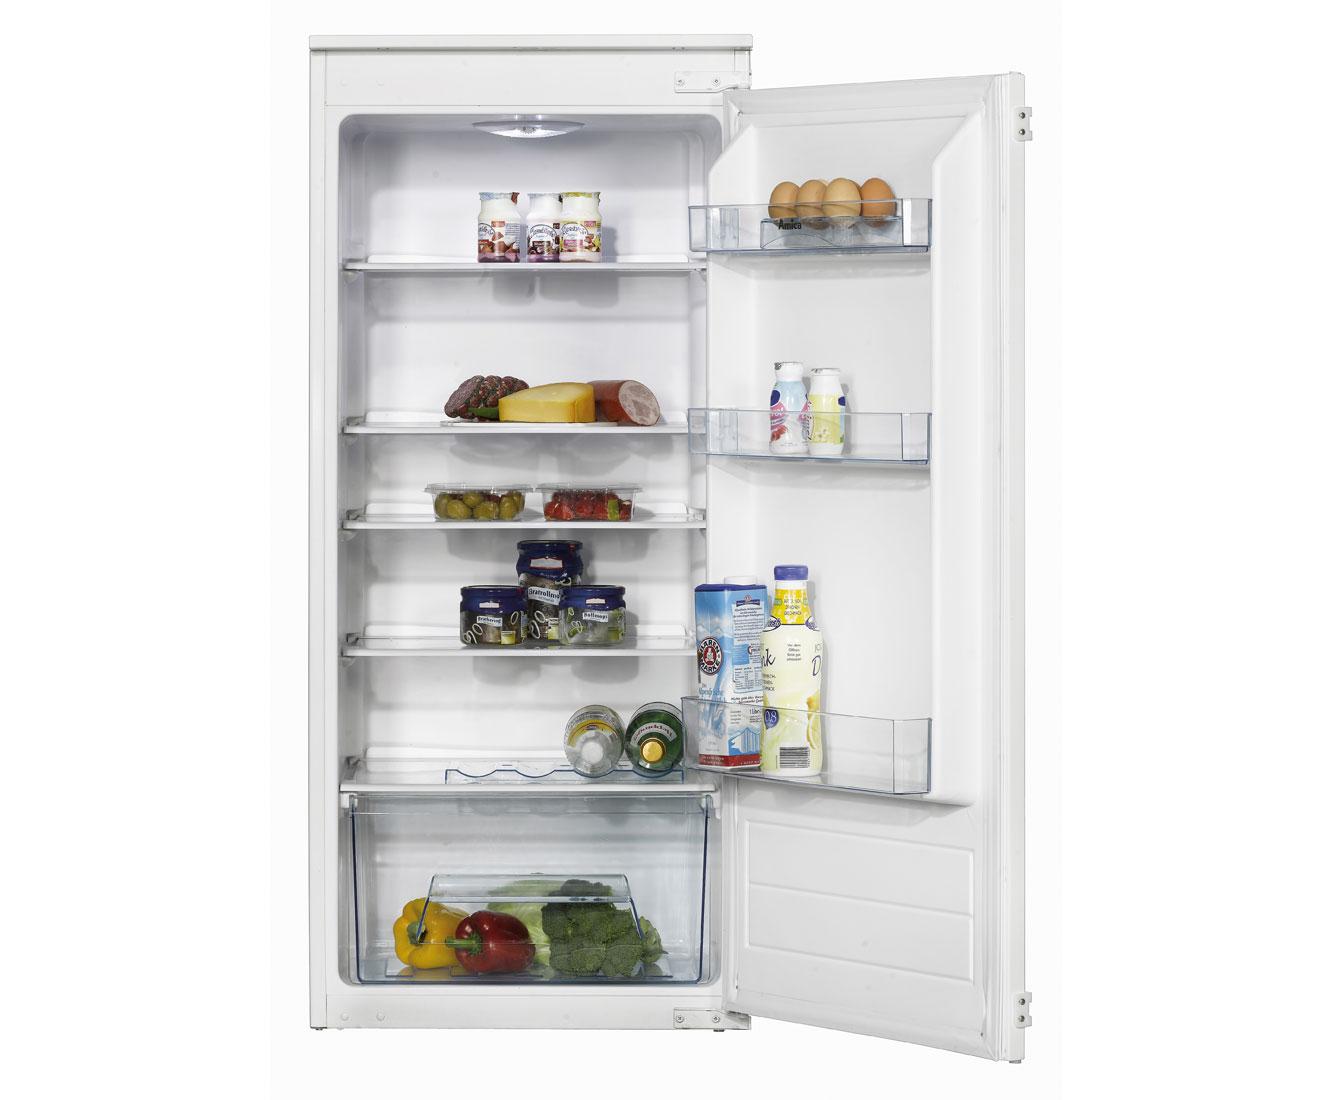 Amica Kühlschrank Lampe : Amica evks einbau kühlschrank er nische schlepptür